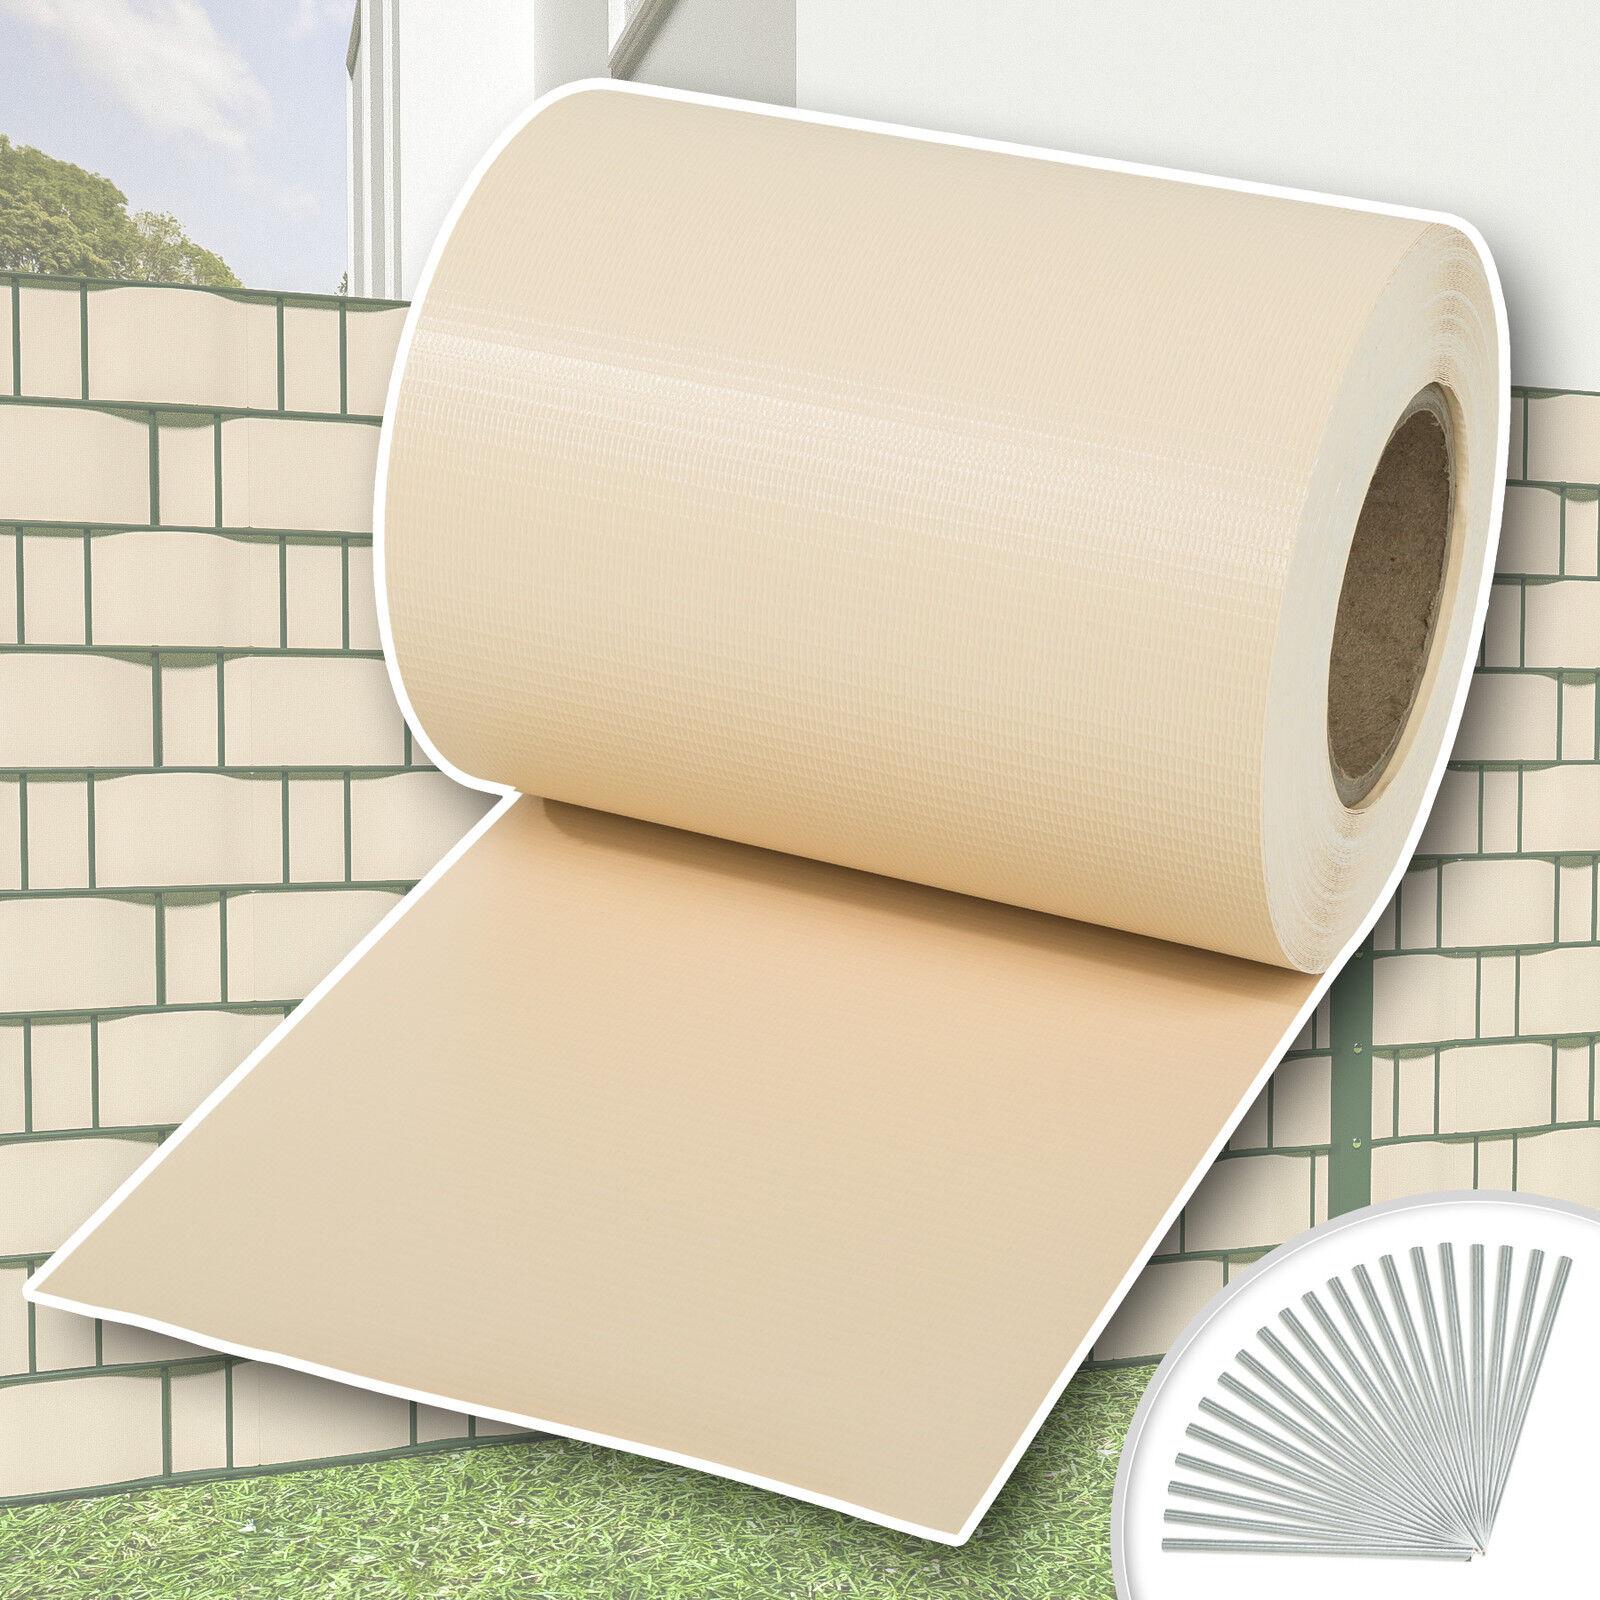 Rouleau 35mx19cm PVC brise-vue pare-vent pour clôture terrasse jardin crème